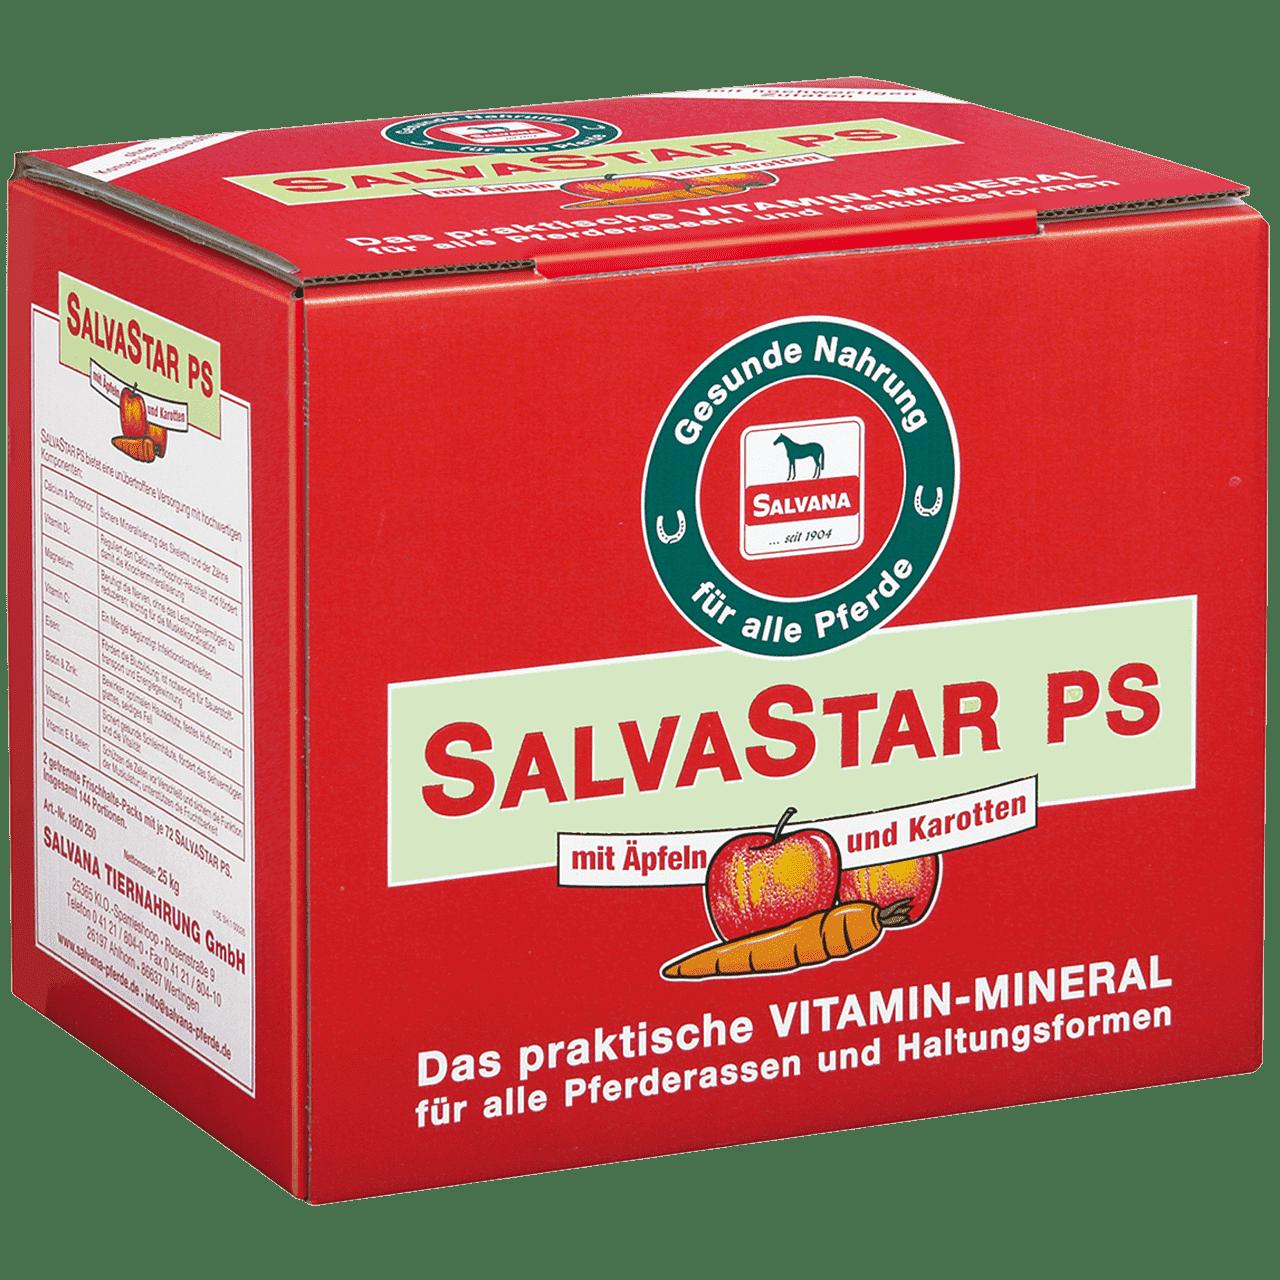 SALVASTAR PS mit Äpfeln und Karotten